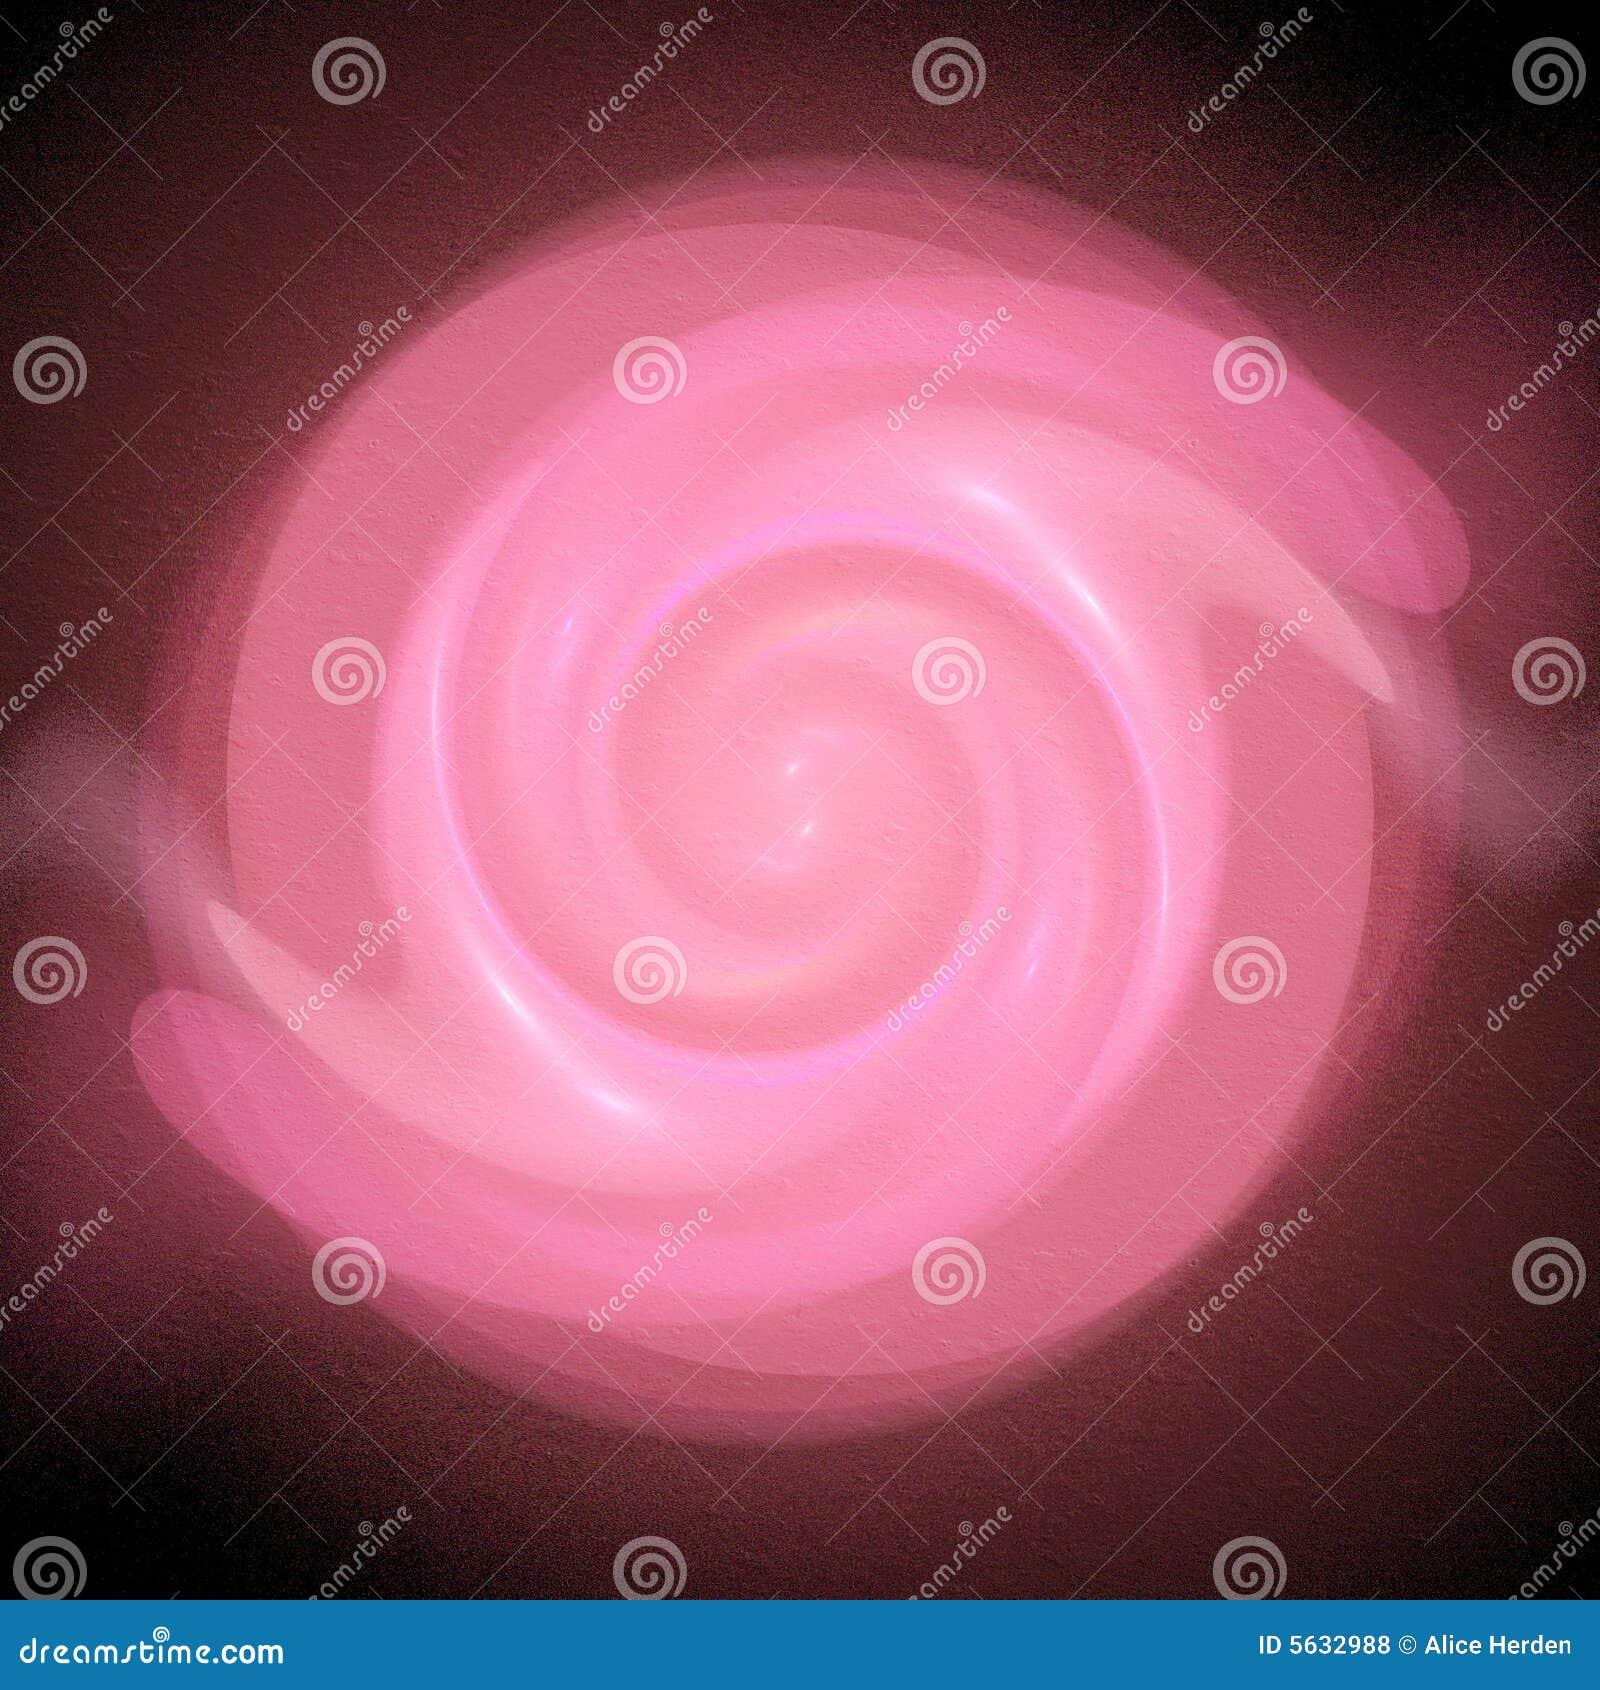 Bubble Gum Grunge